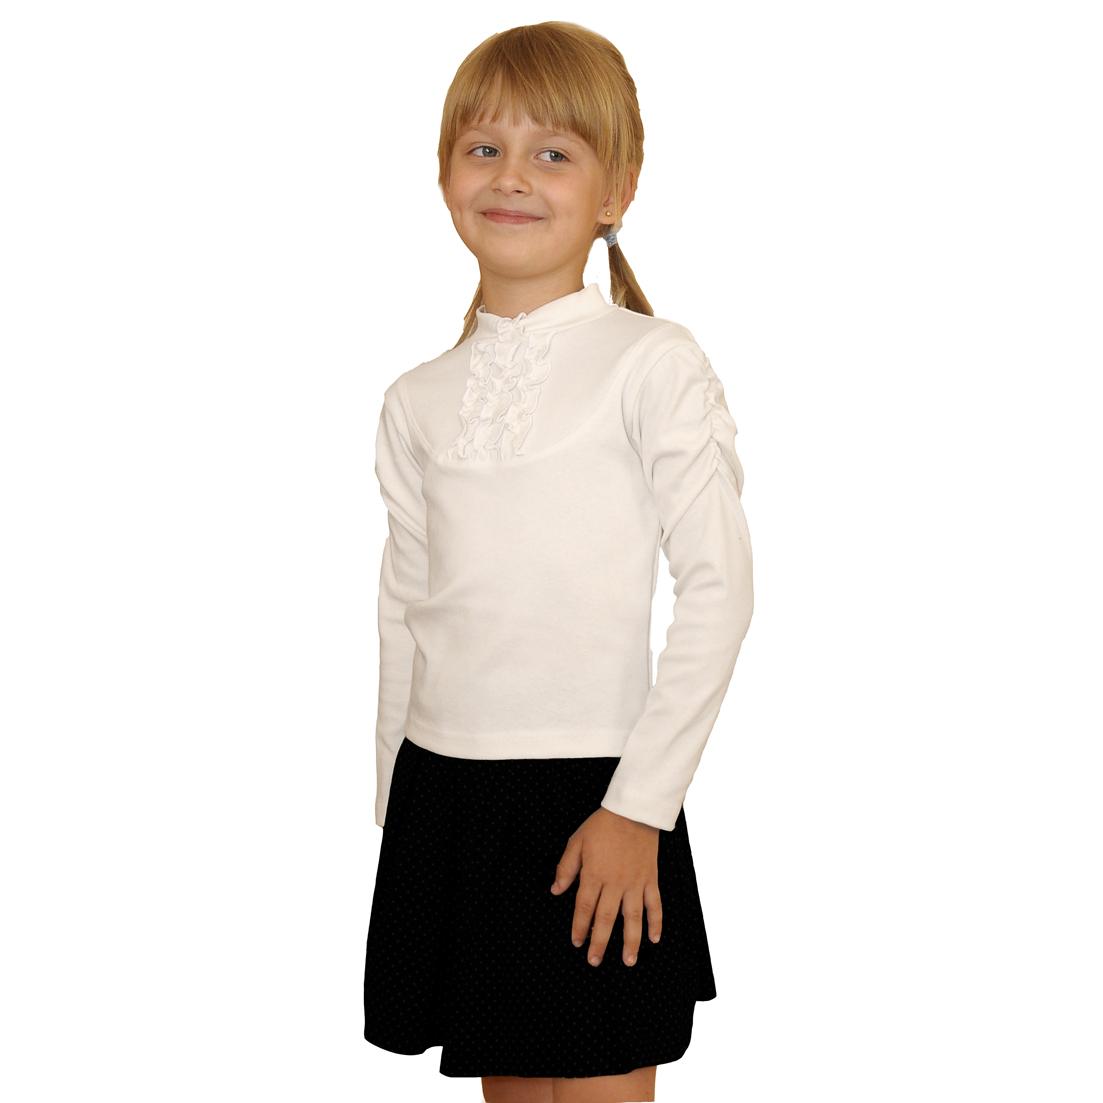 Детская одежда в витебске 9